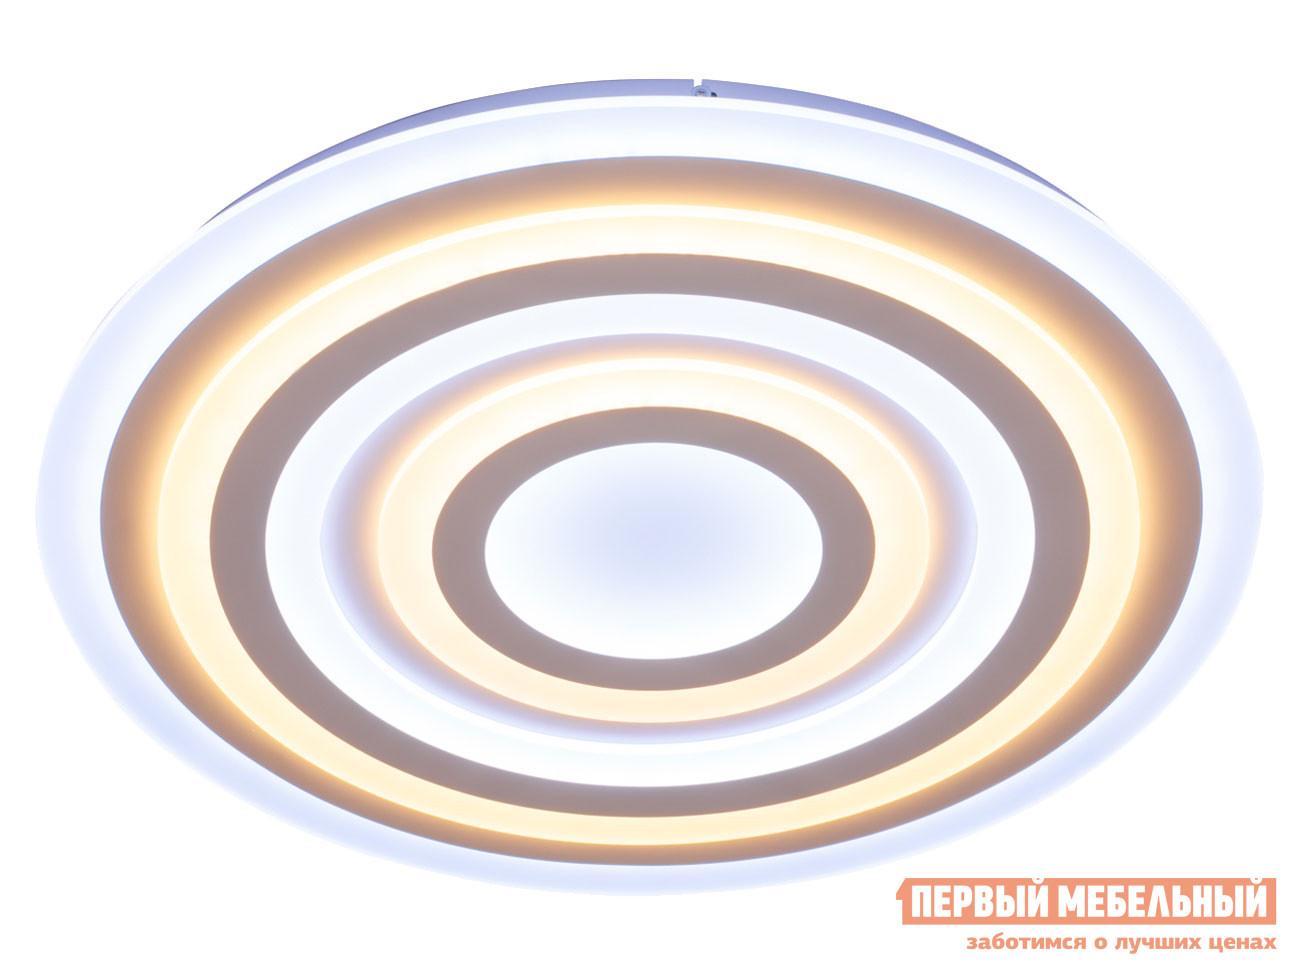 Настенно-потолочный светильник Первый Мебельный Люстра потолочная PLC-3008-800 LED 150W, пульт ДУ